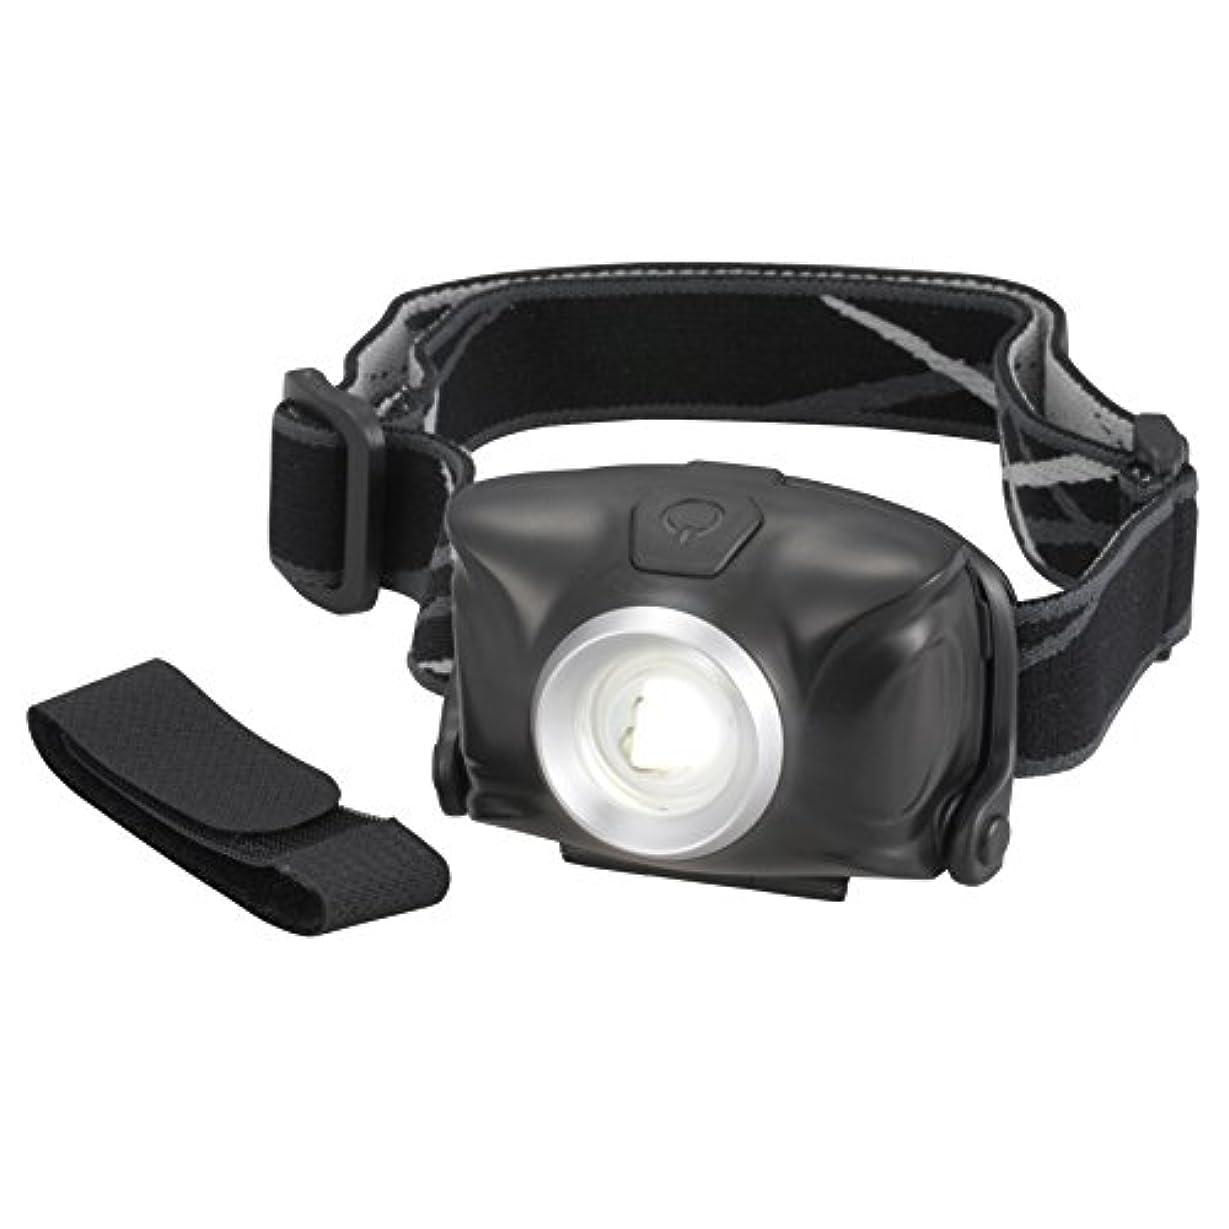 欲求不満住むまあオーム電機 リュックバンド付 LEDヘッドライト 単4形*3本使用 ブラック LED-YH9-K LED-YH9-K